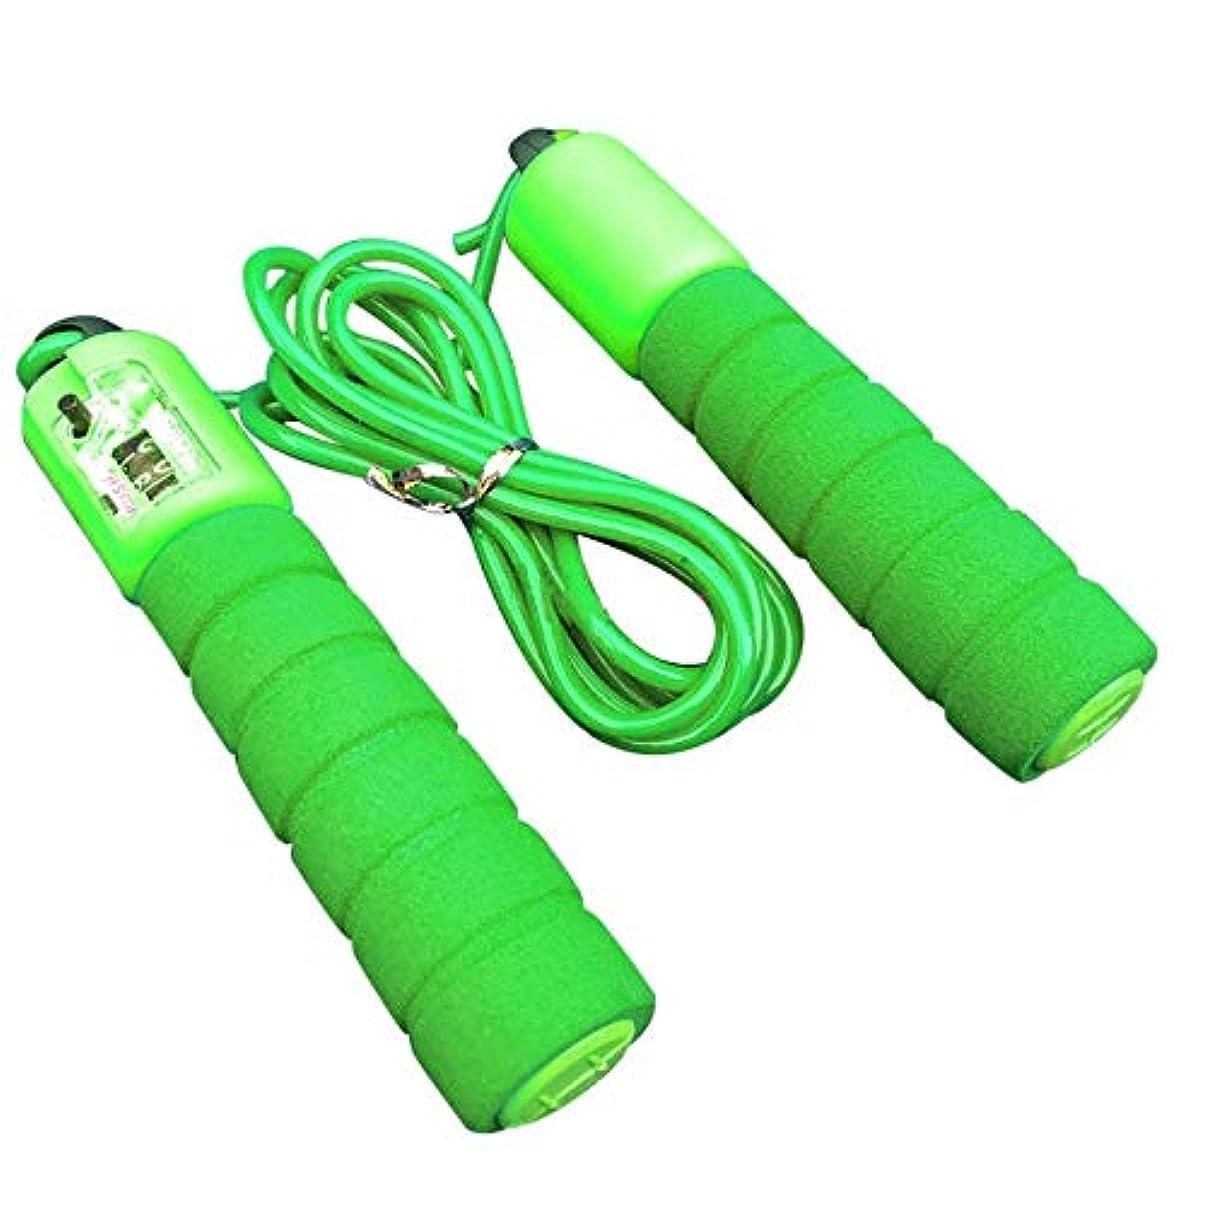 規制政令再撮り調節可能なプロフェッショナルカウント縄跳び自動カウントジャンプロープフィットネス運動高速カウントジャンプロープ - グリーン